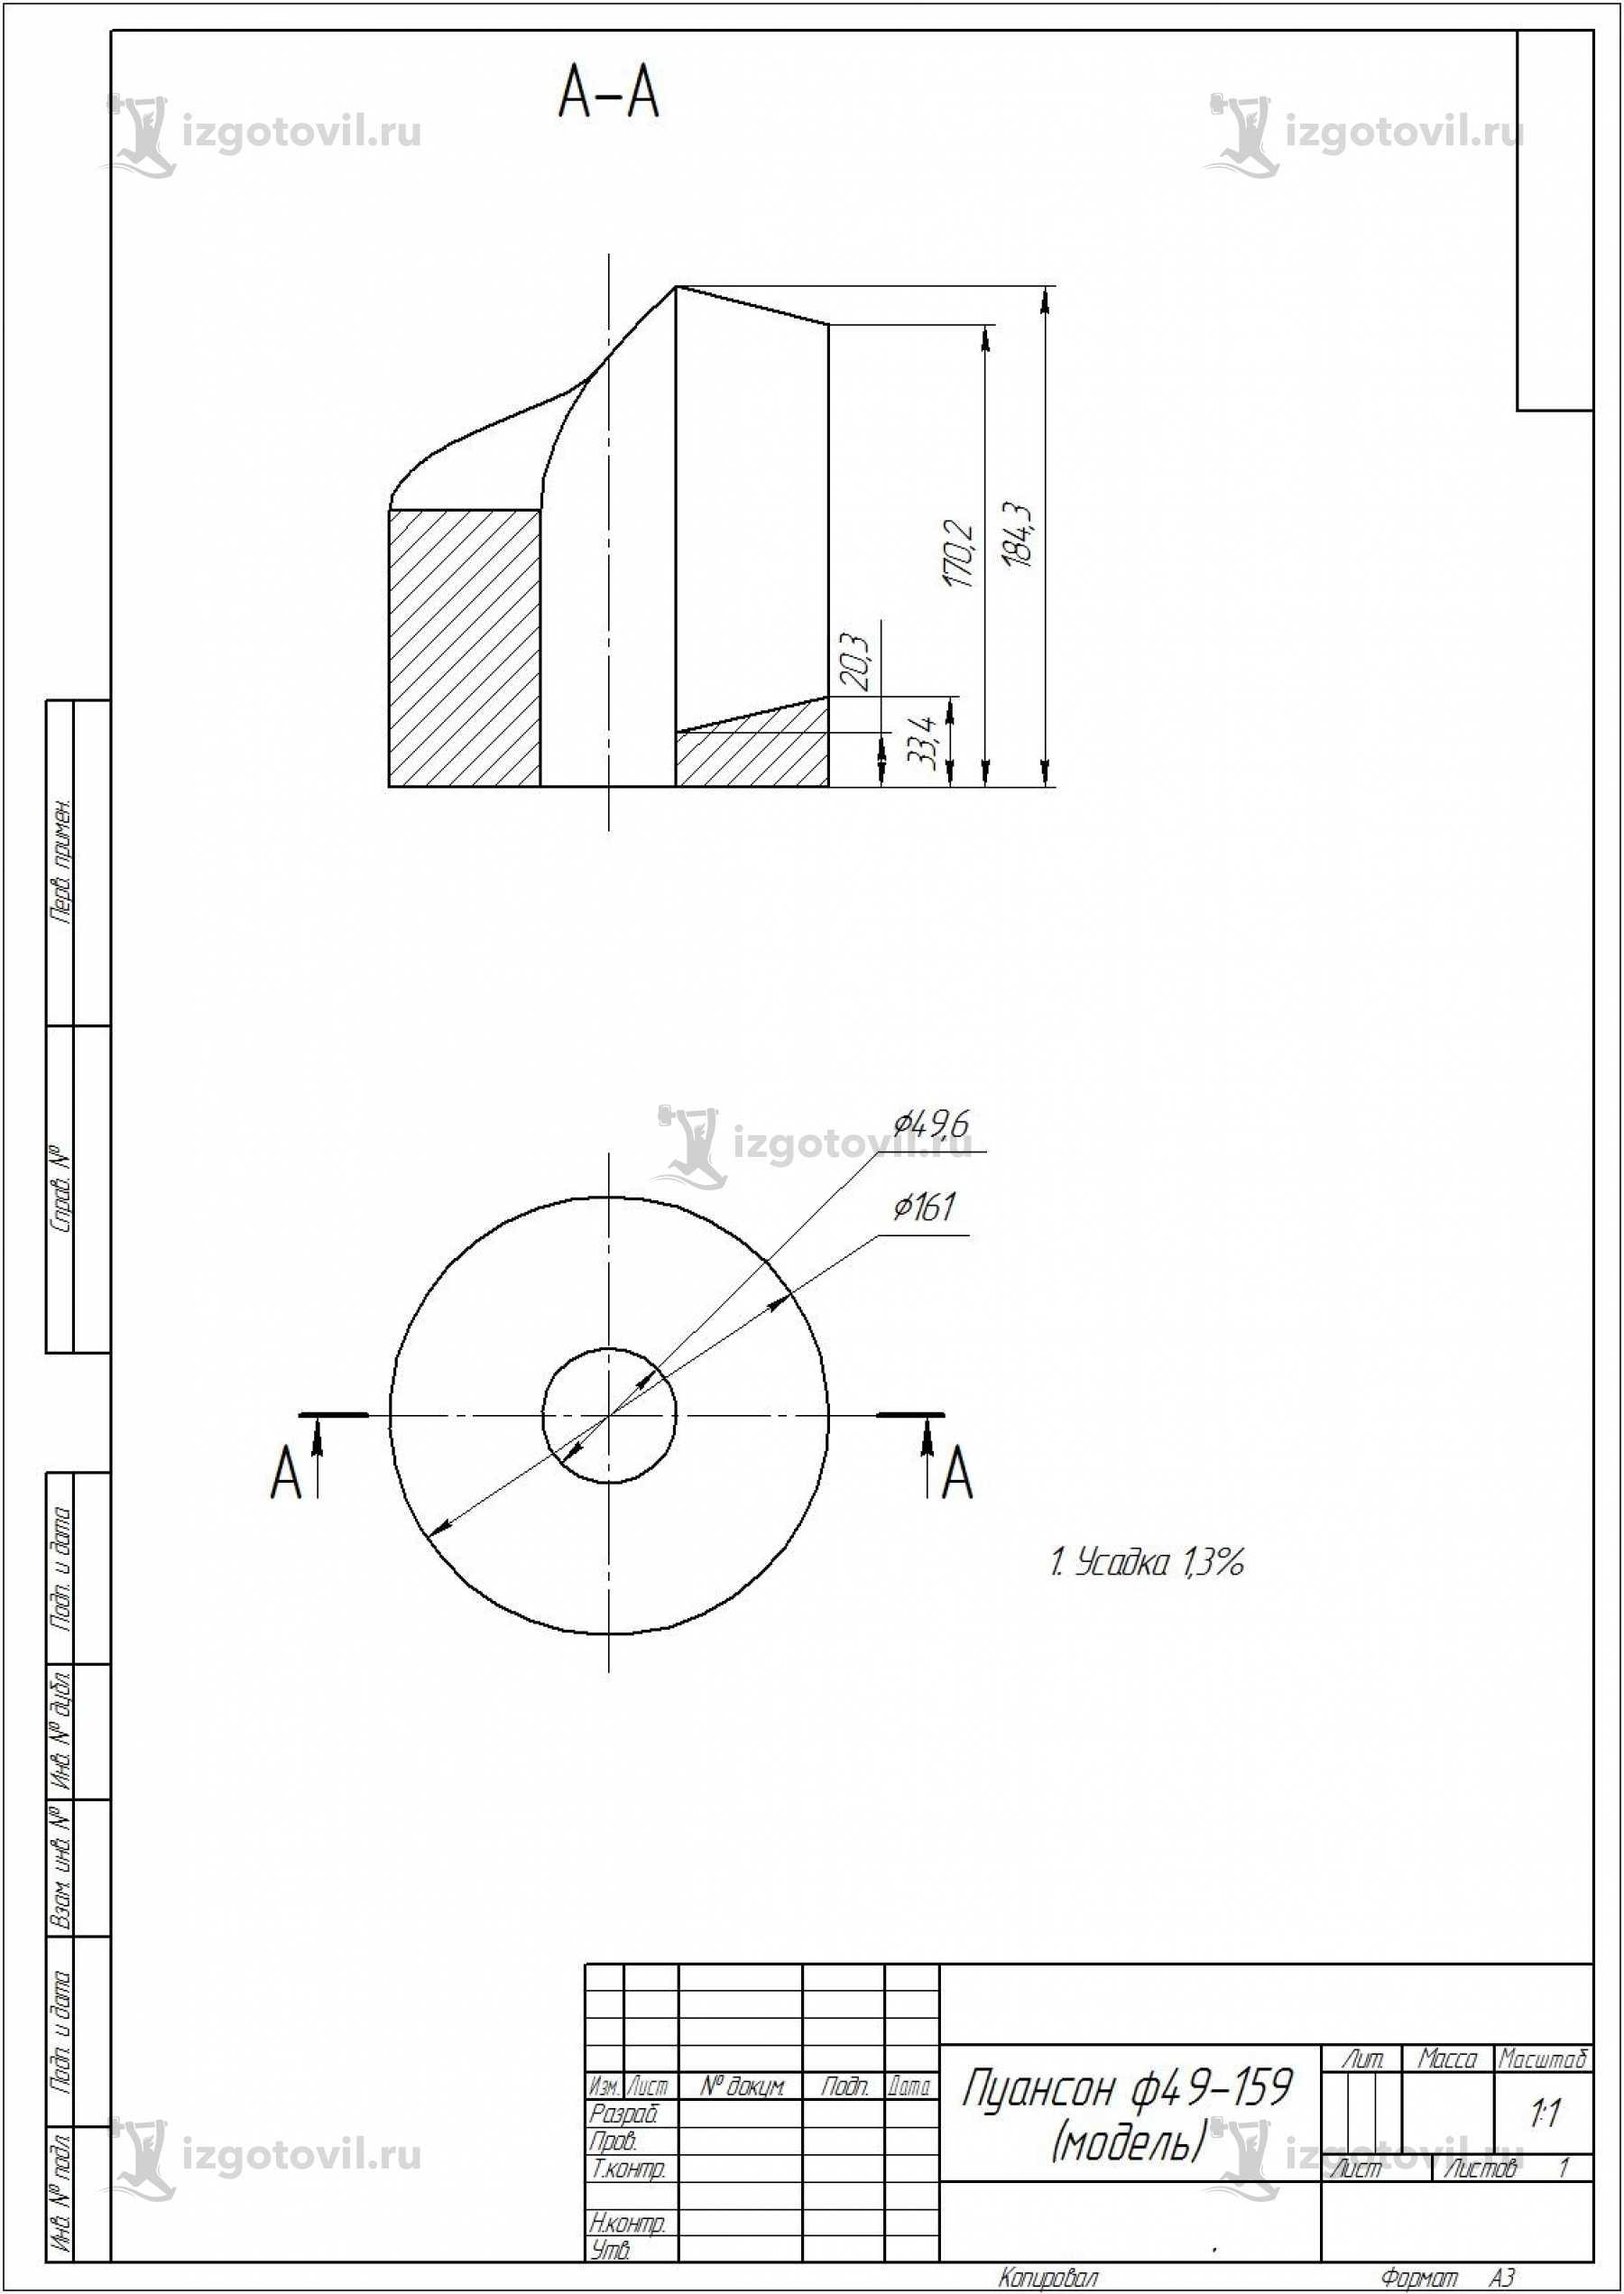 Фрезеровка ЧПУ- изготовление пуансона